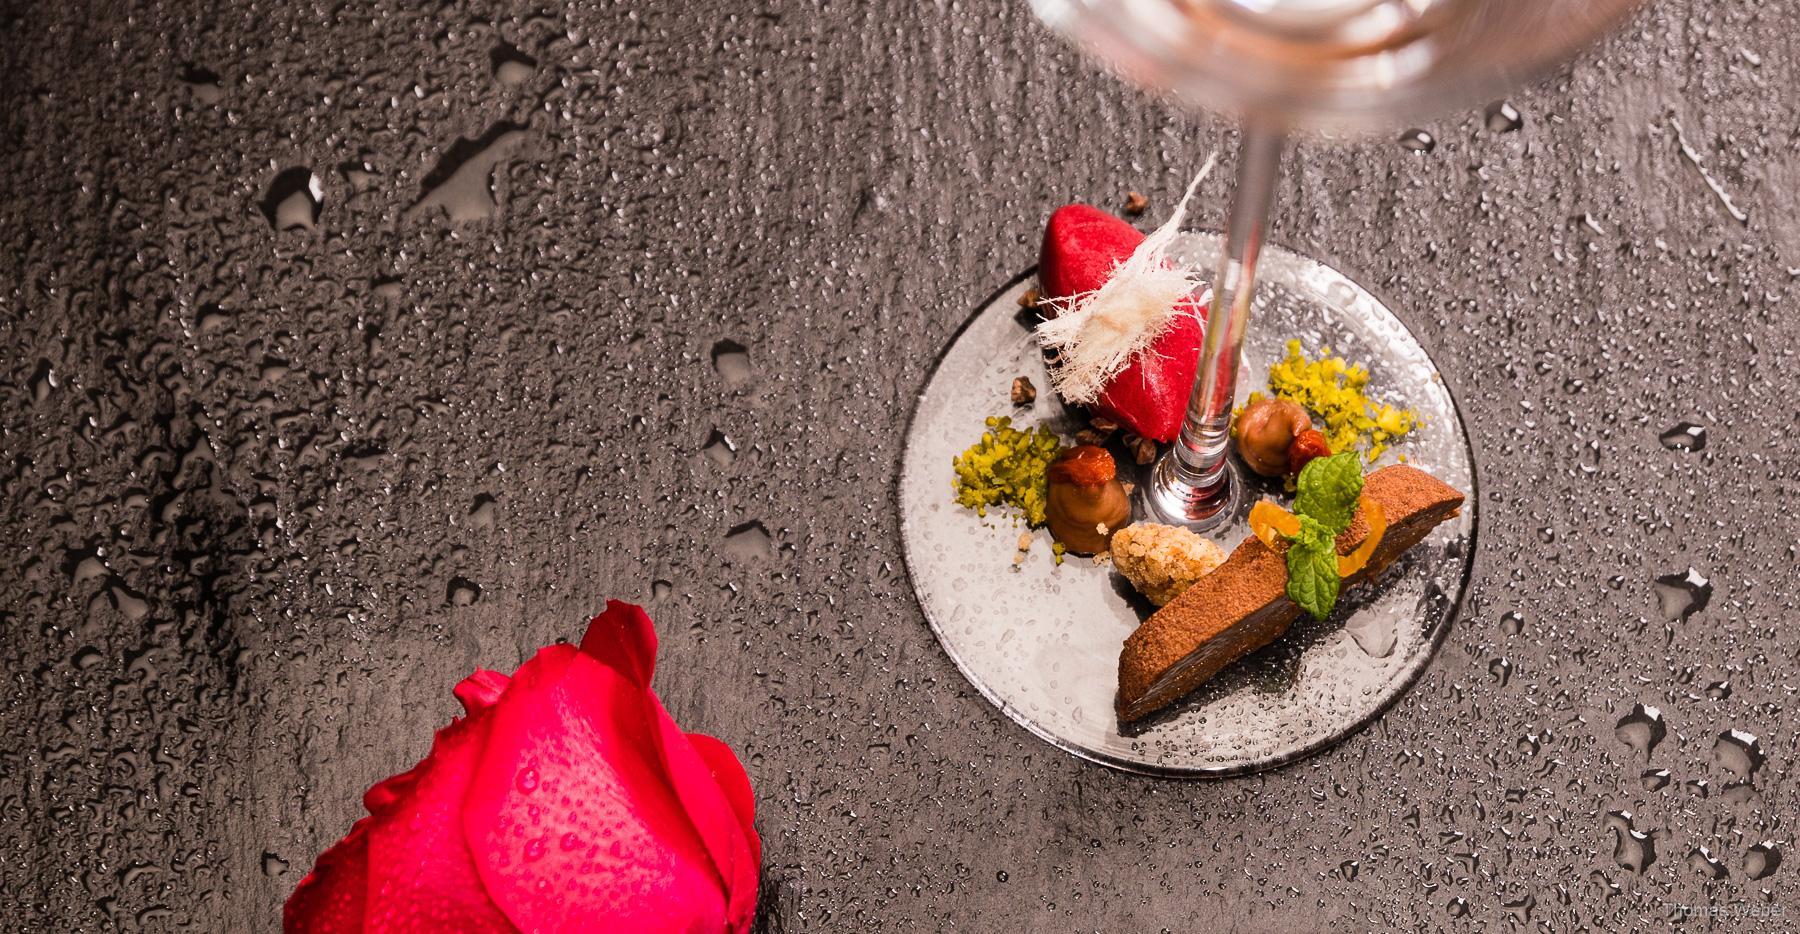 Foodfotos im Nordenholzer Hof in Hude, Fotograf Thomas Weber aus Oldenburg